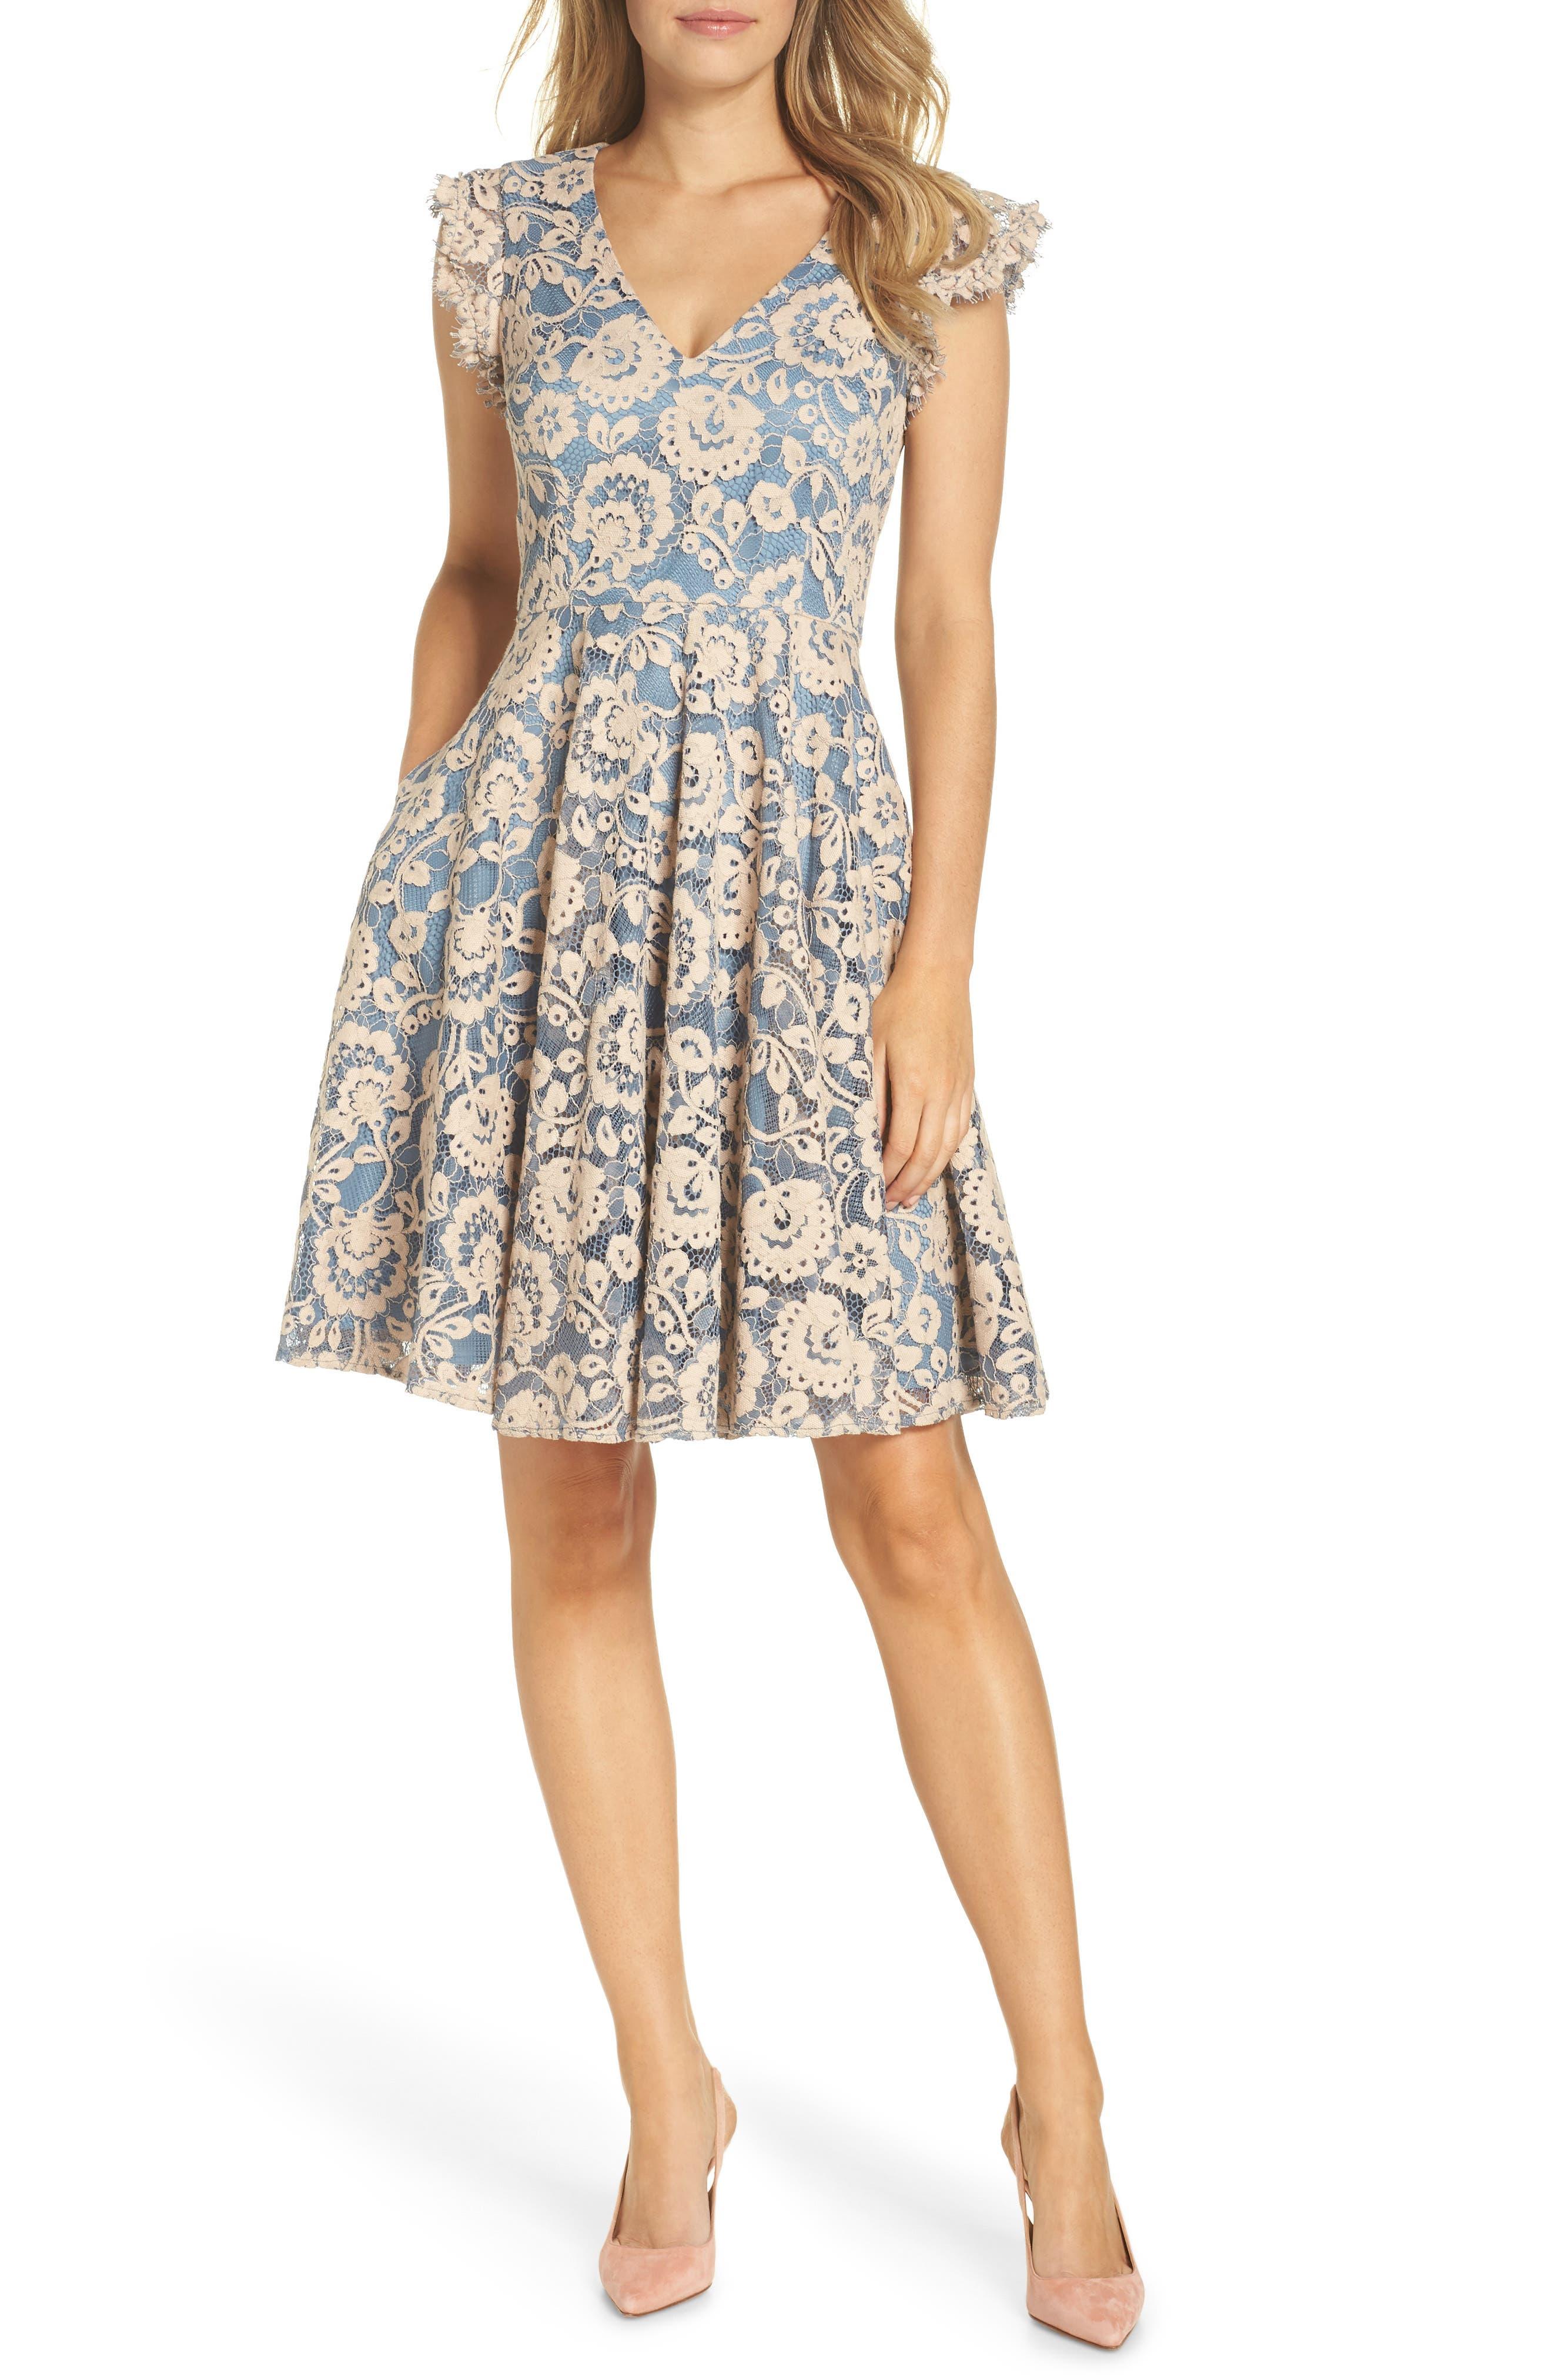 Eliza J Lace Fit & Flare Dress, Beige